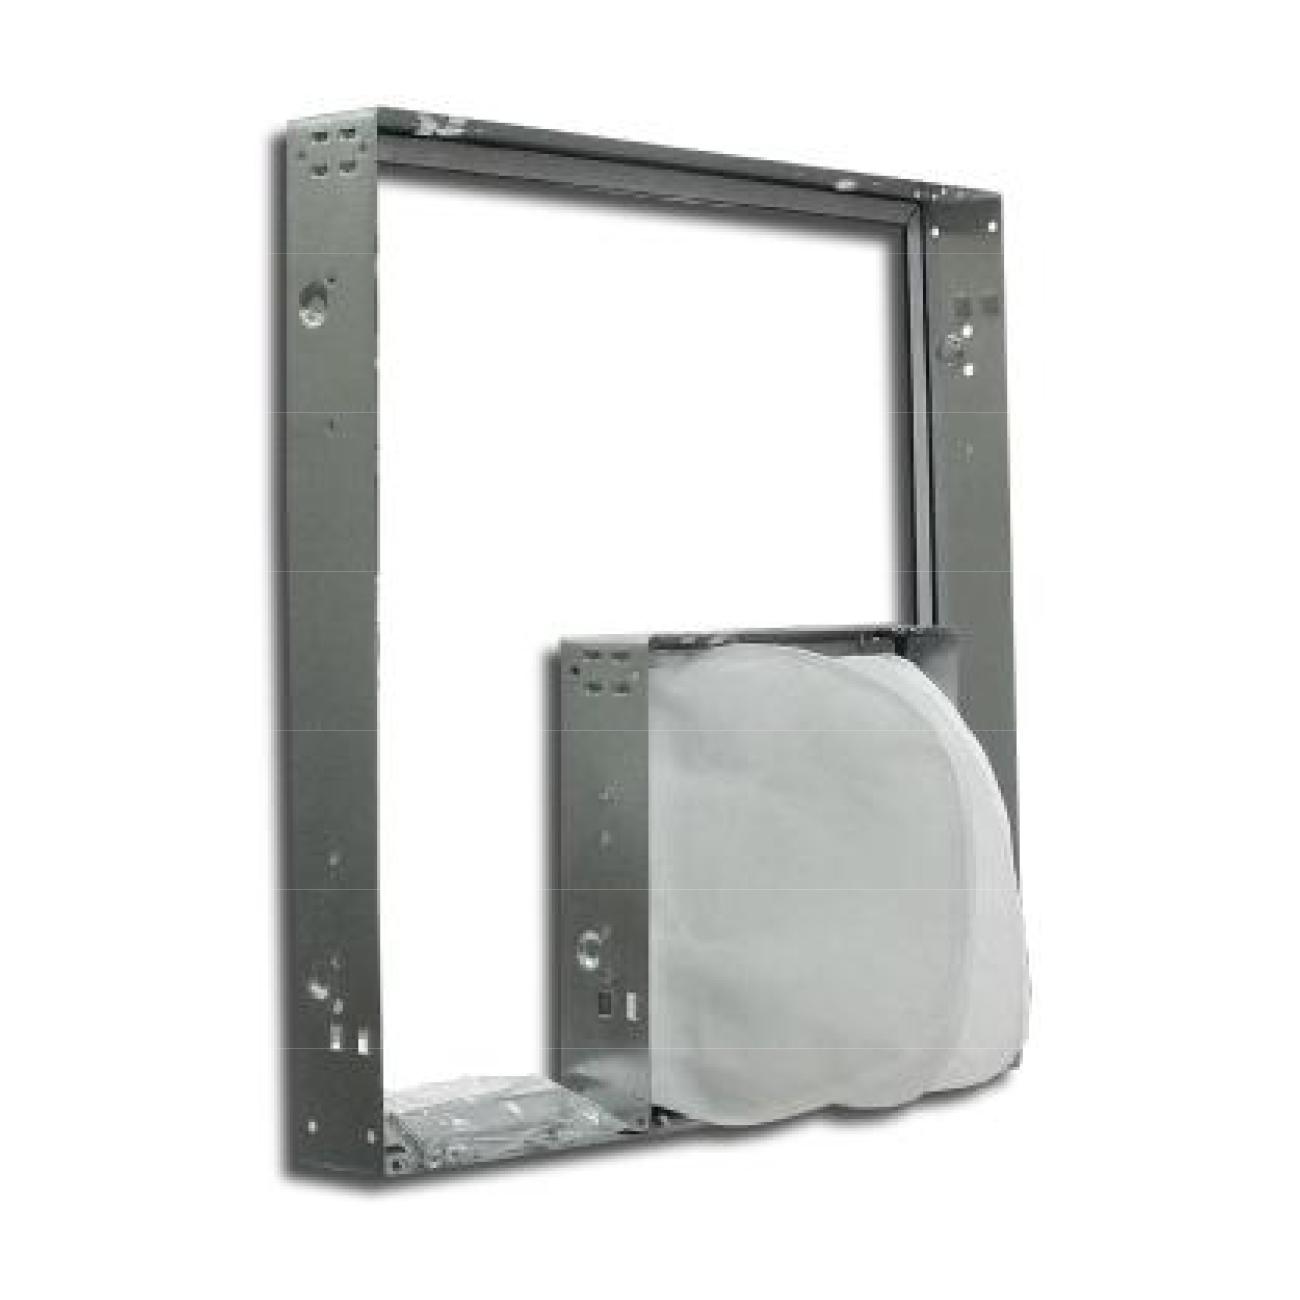 крепежная рамка 610x610 мм